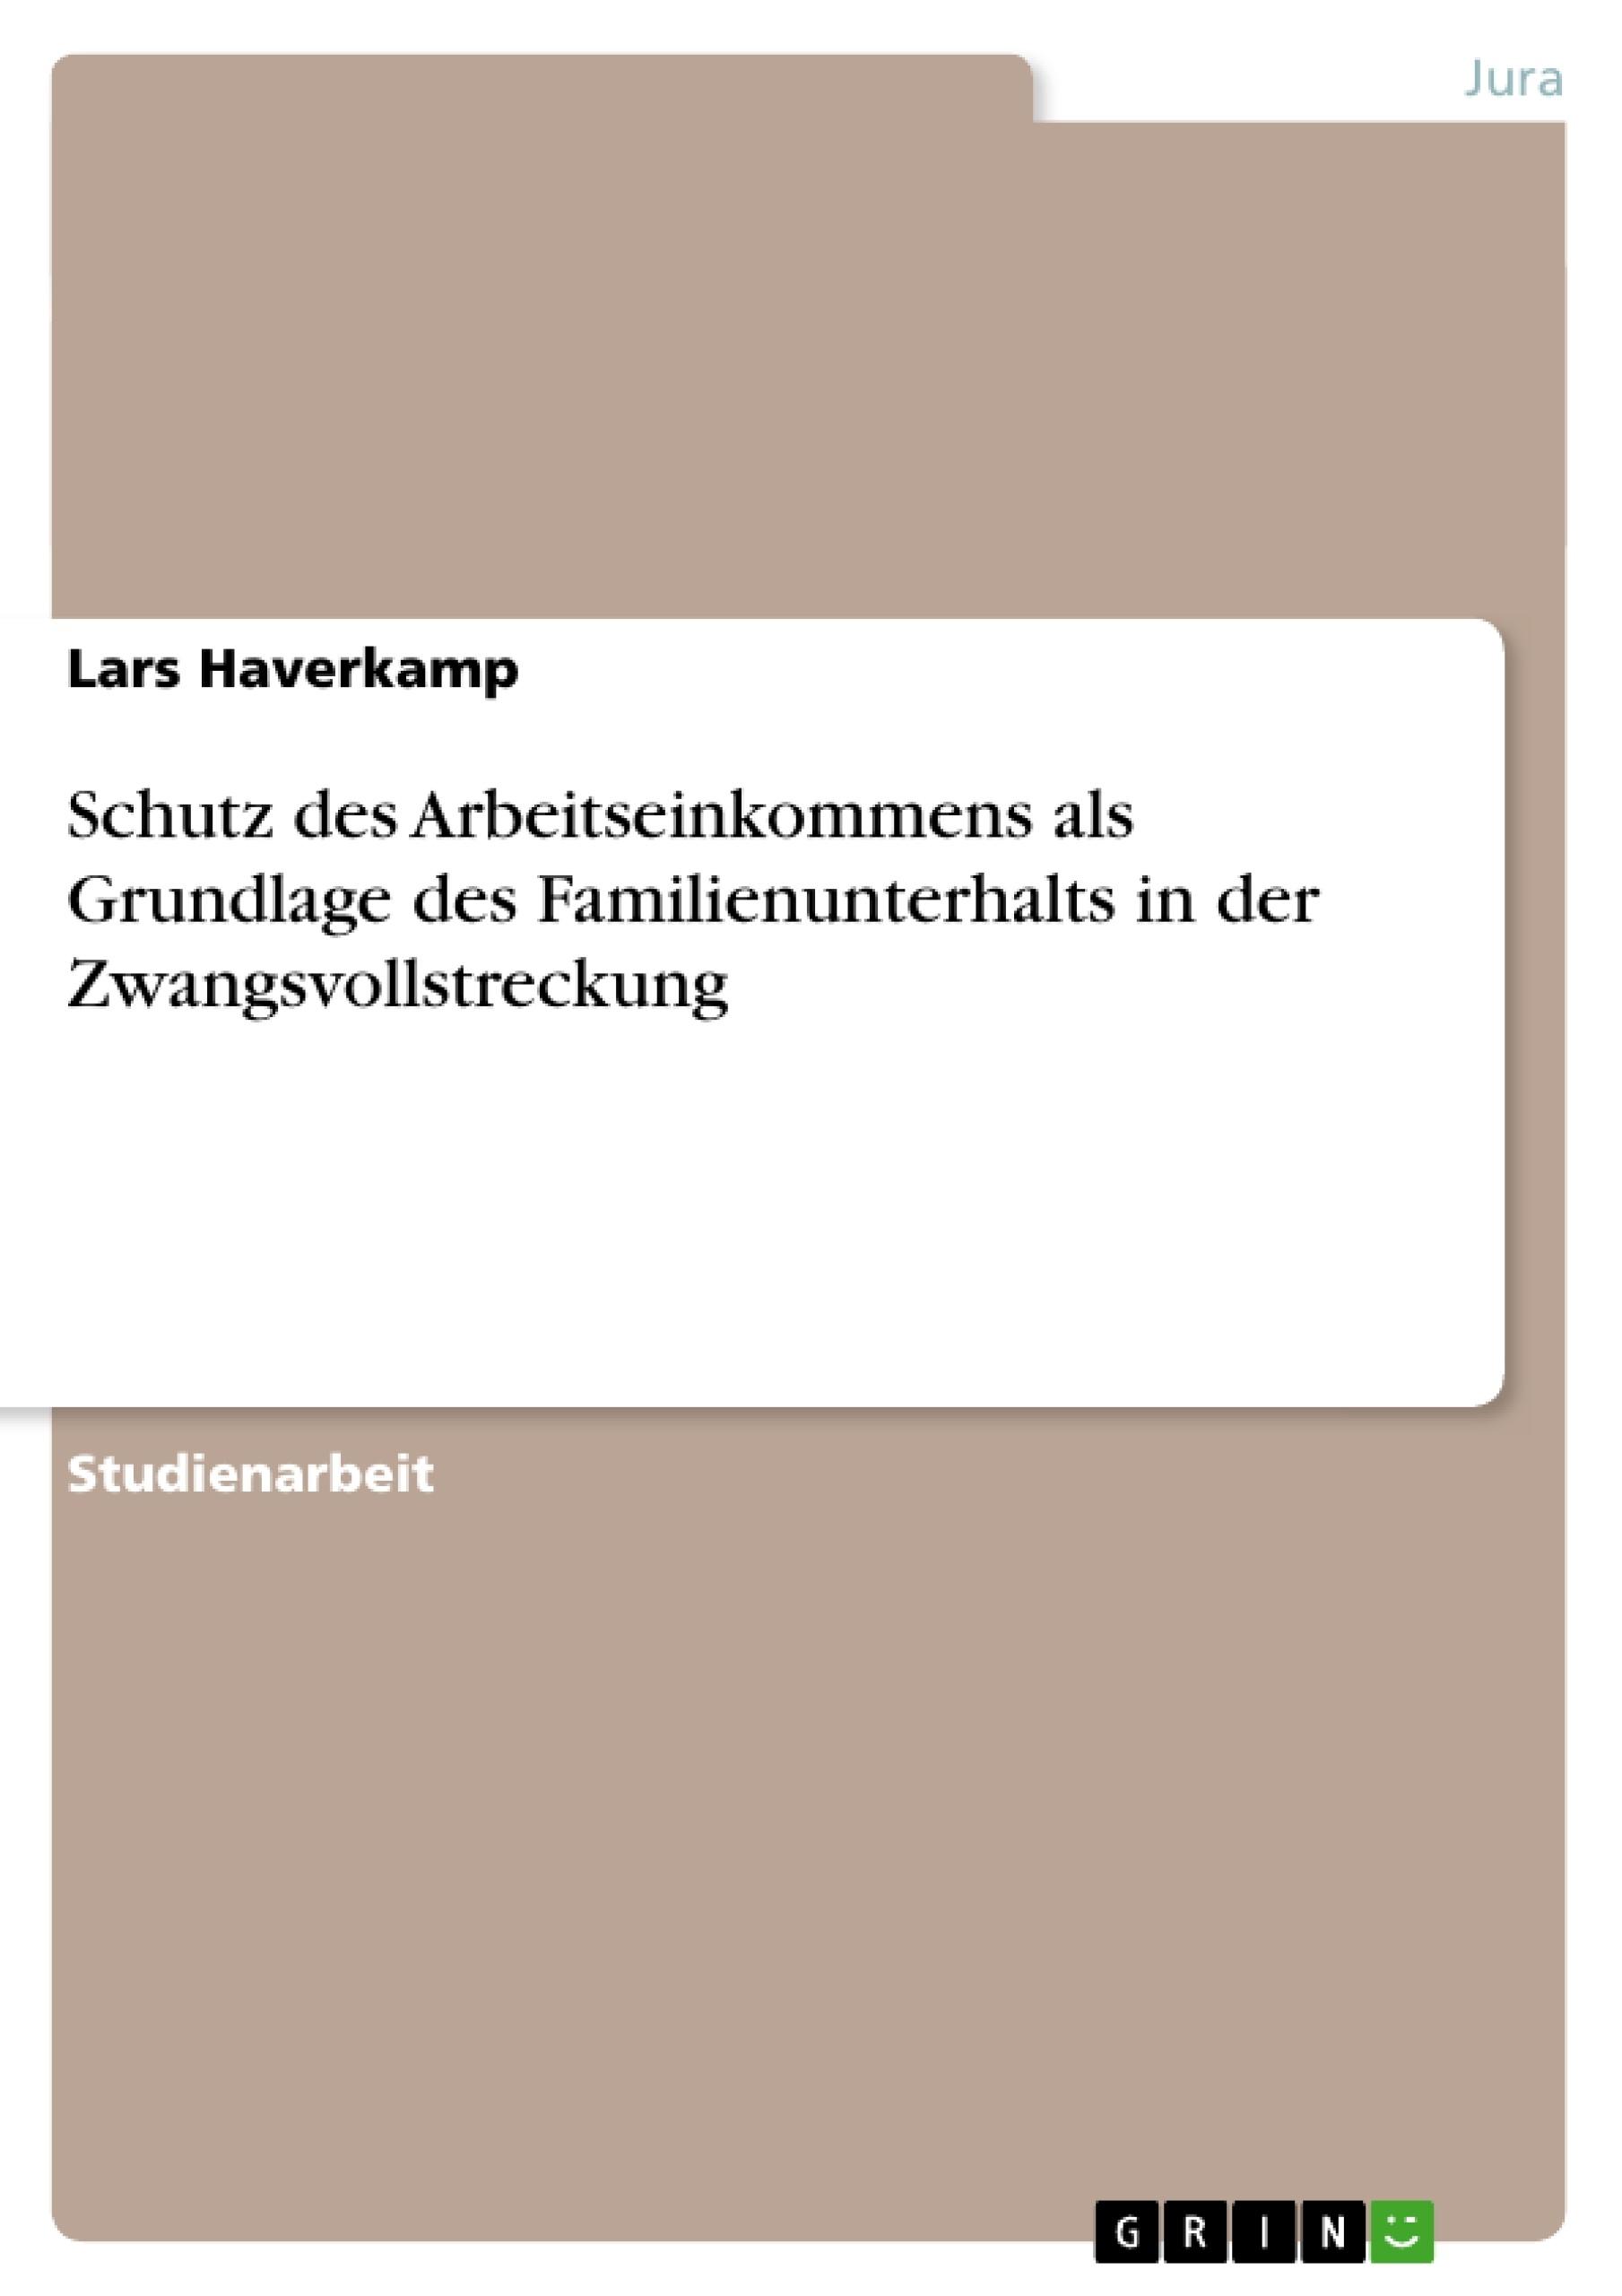 Titel: Schutz des Arbeitseinkommens als Grundlage des Familienunterhalts in der Zwangsvollstreckung